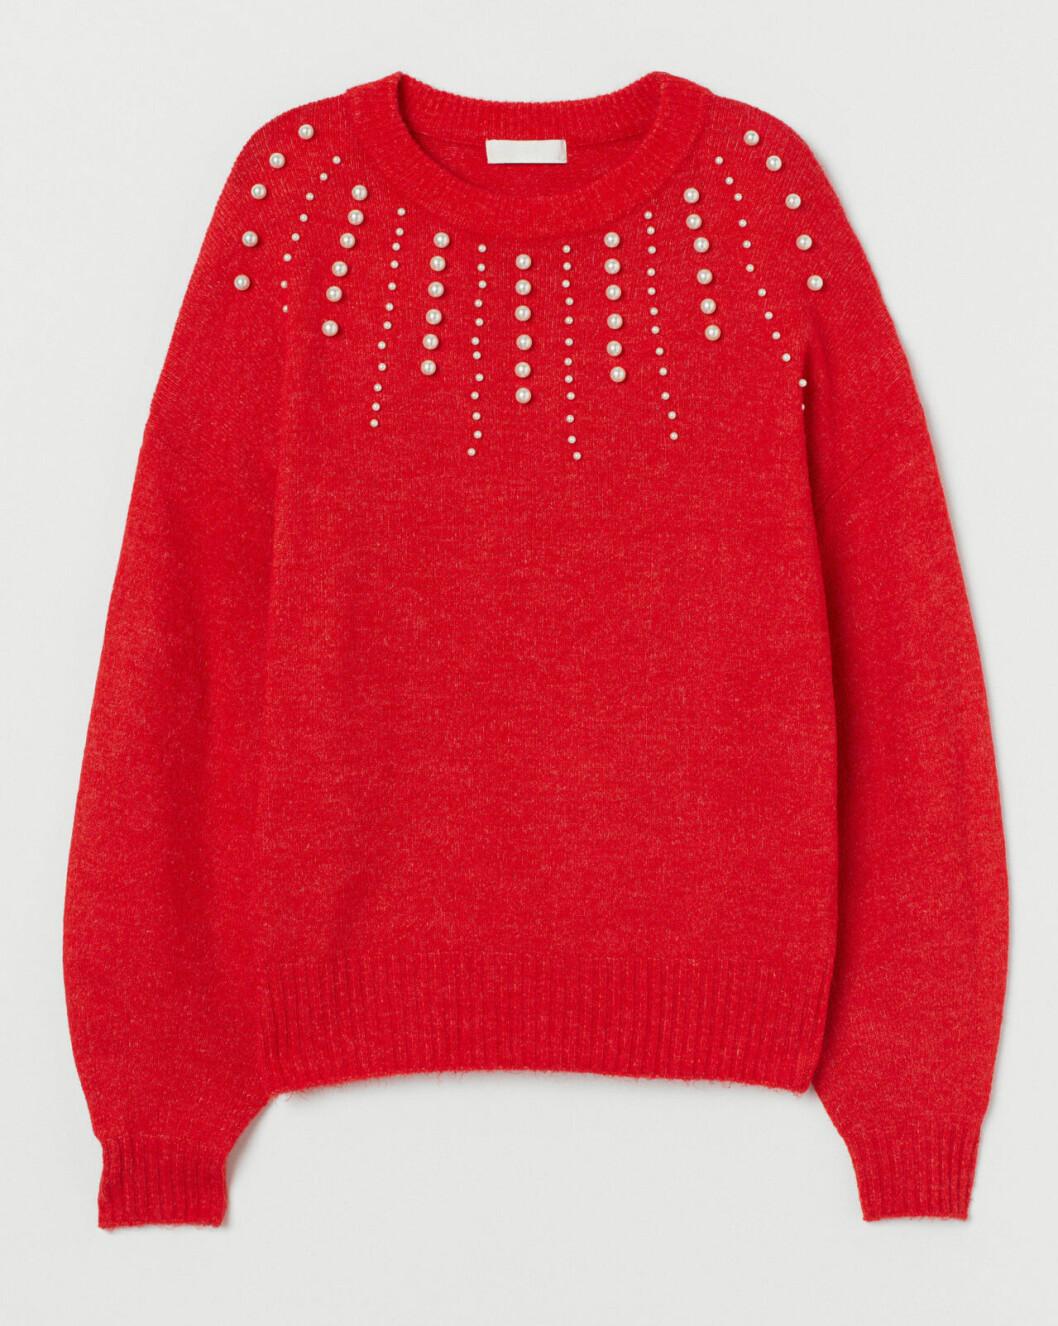 Röd stickad tröja till julfesten och julbordet